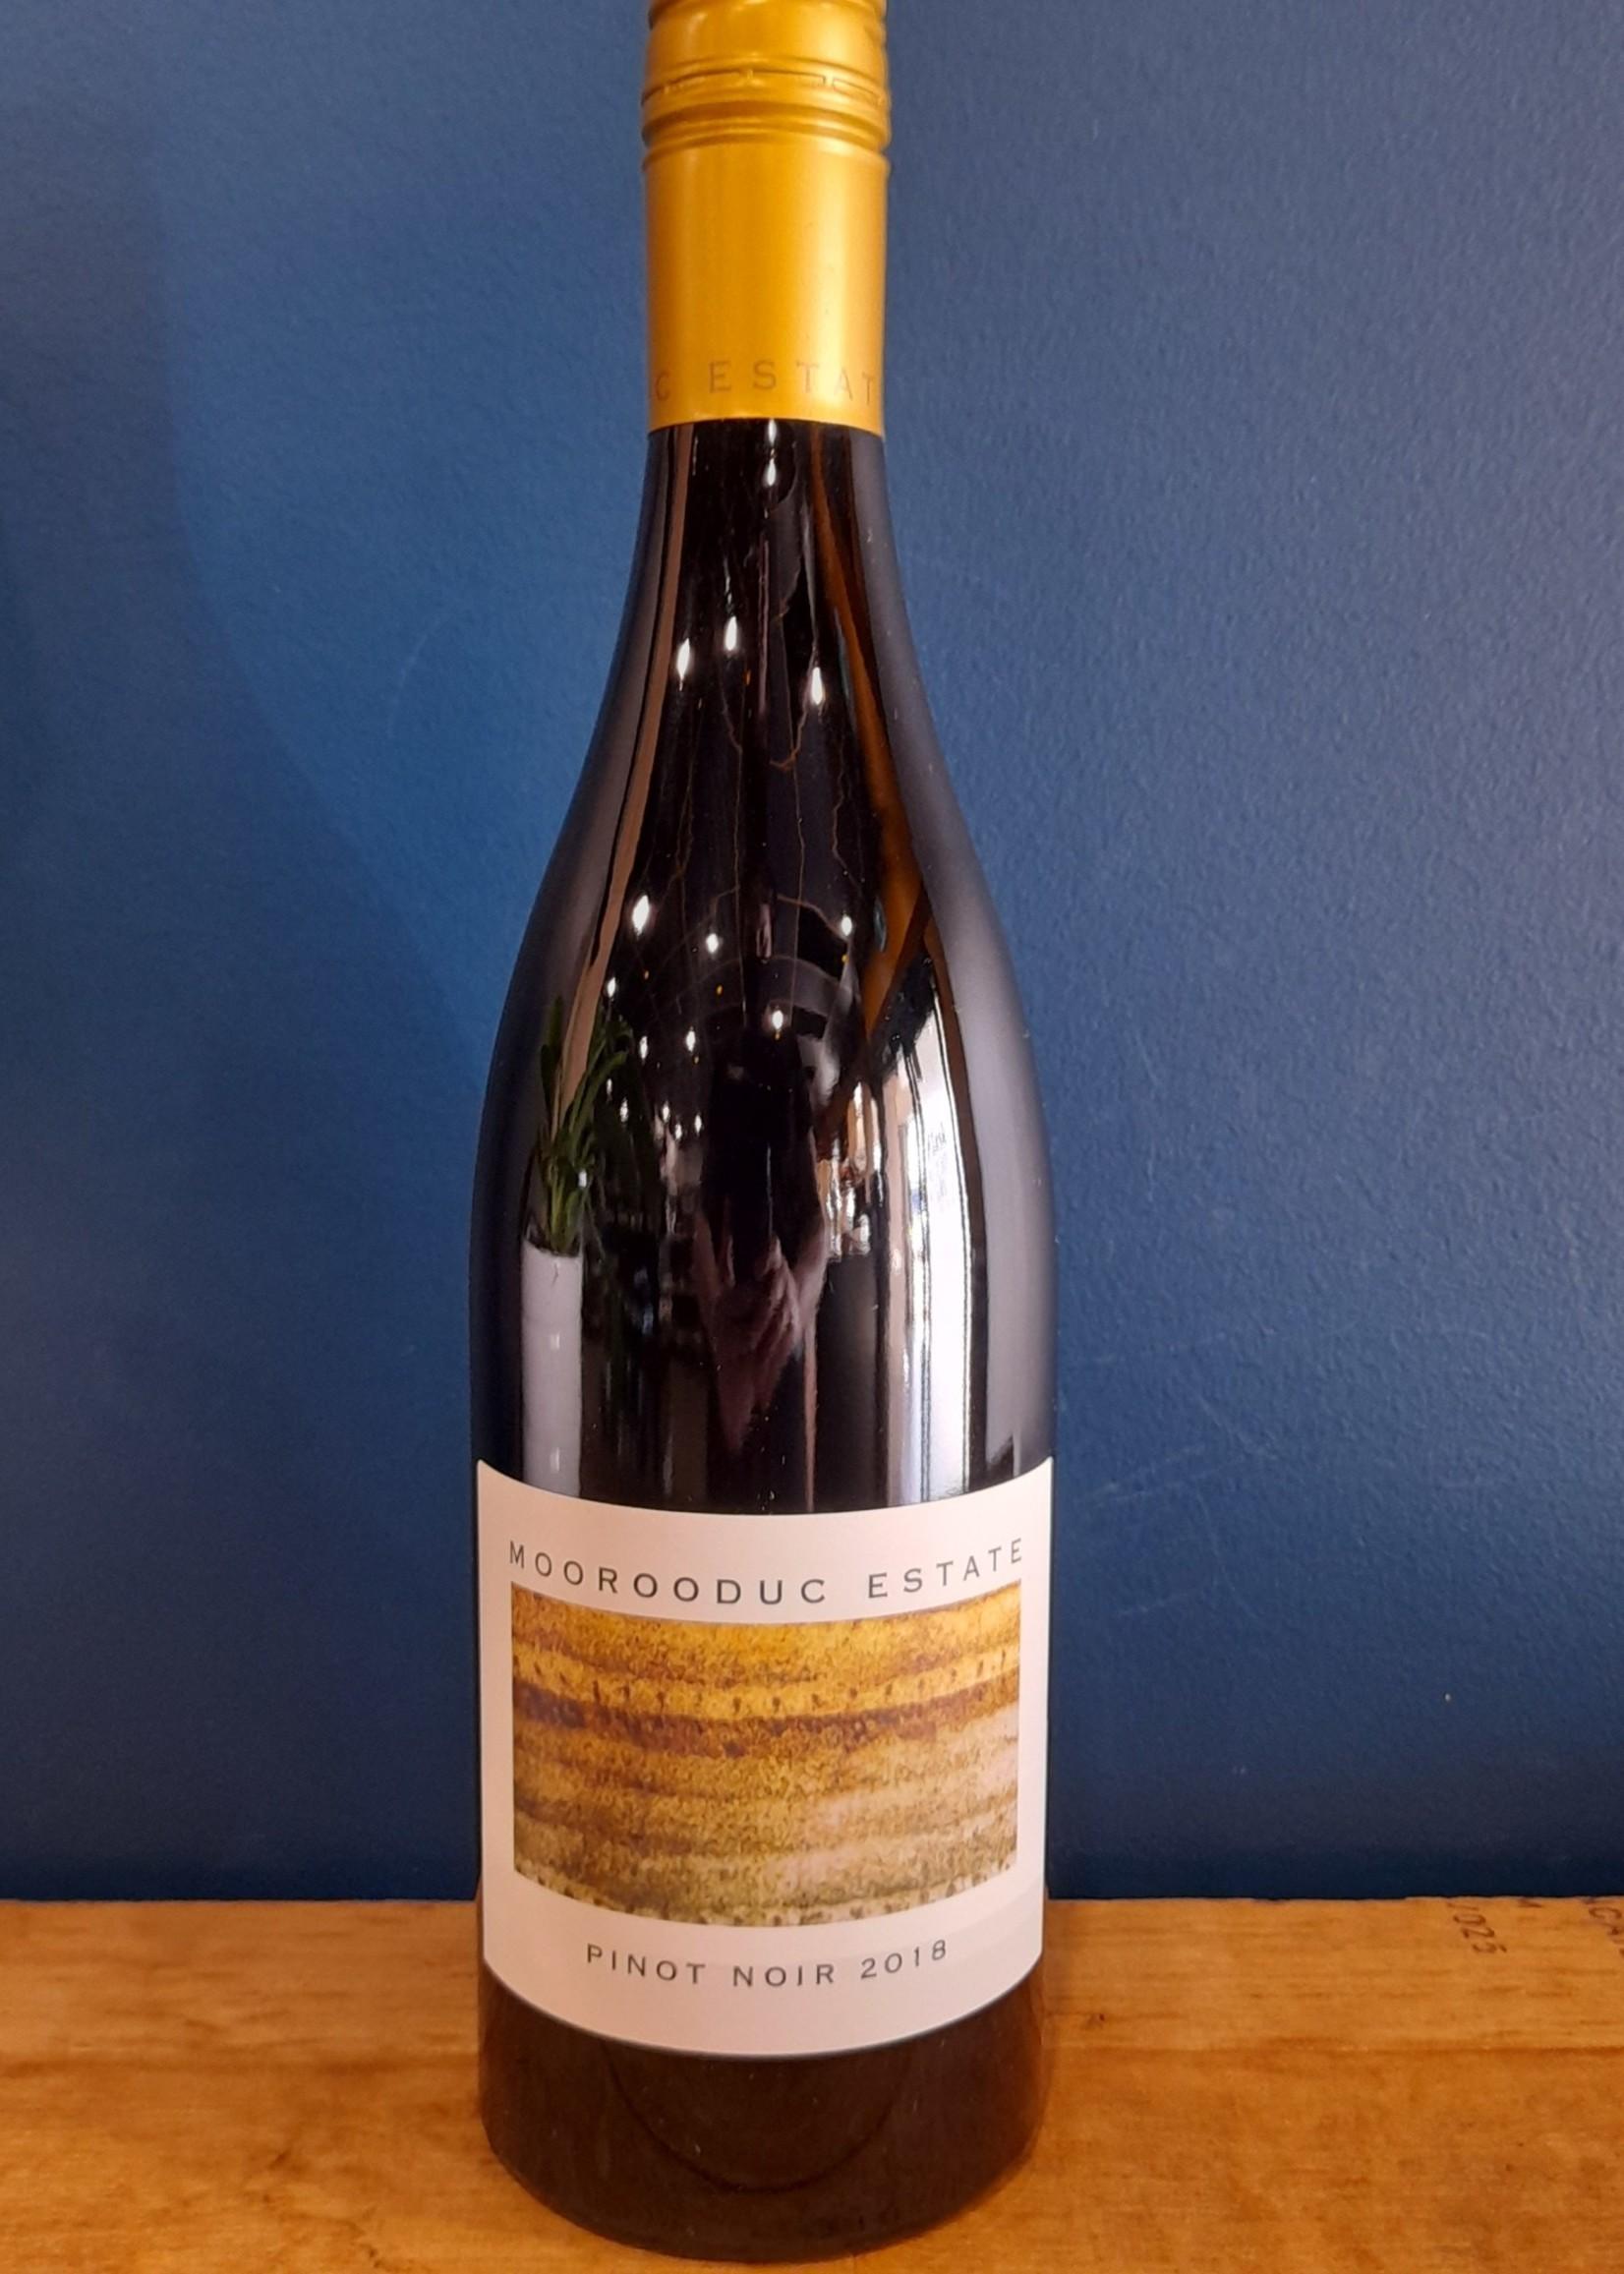 Moorooduc Estate Moorooduc Estate Pinot Noir 2018